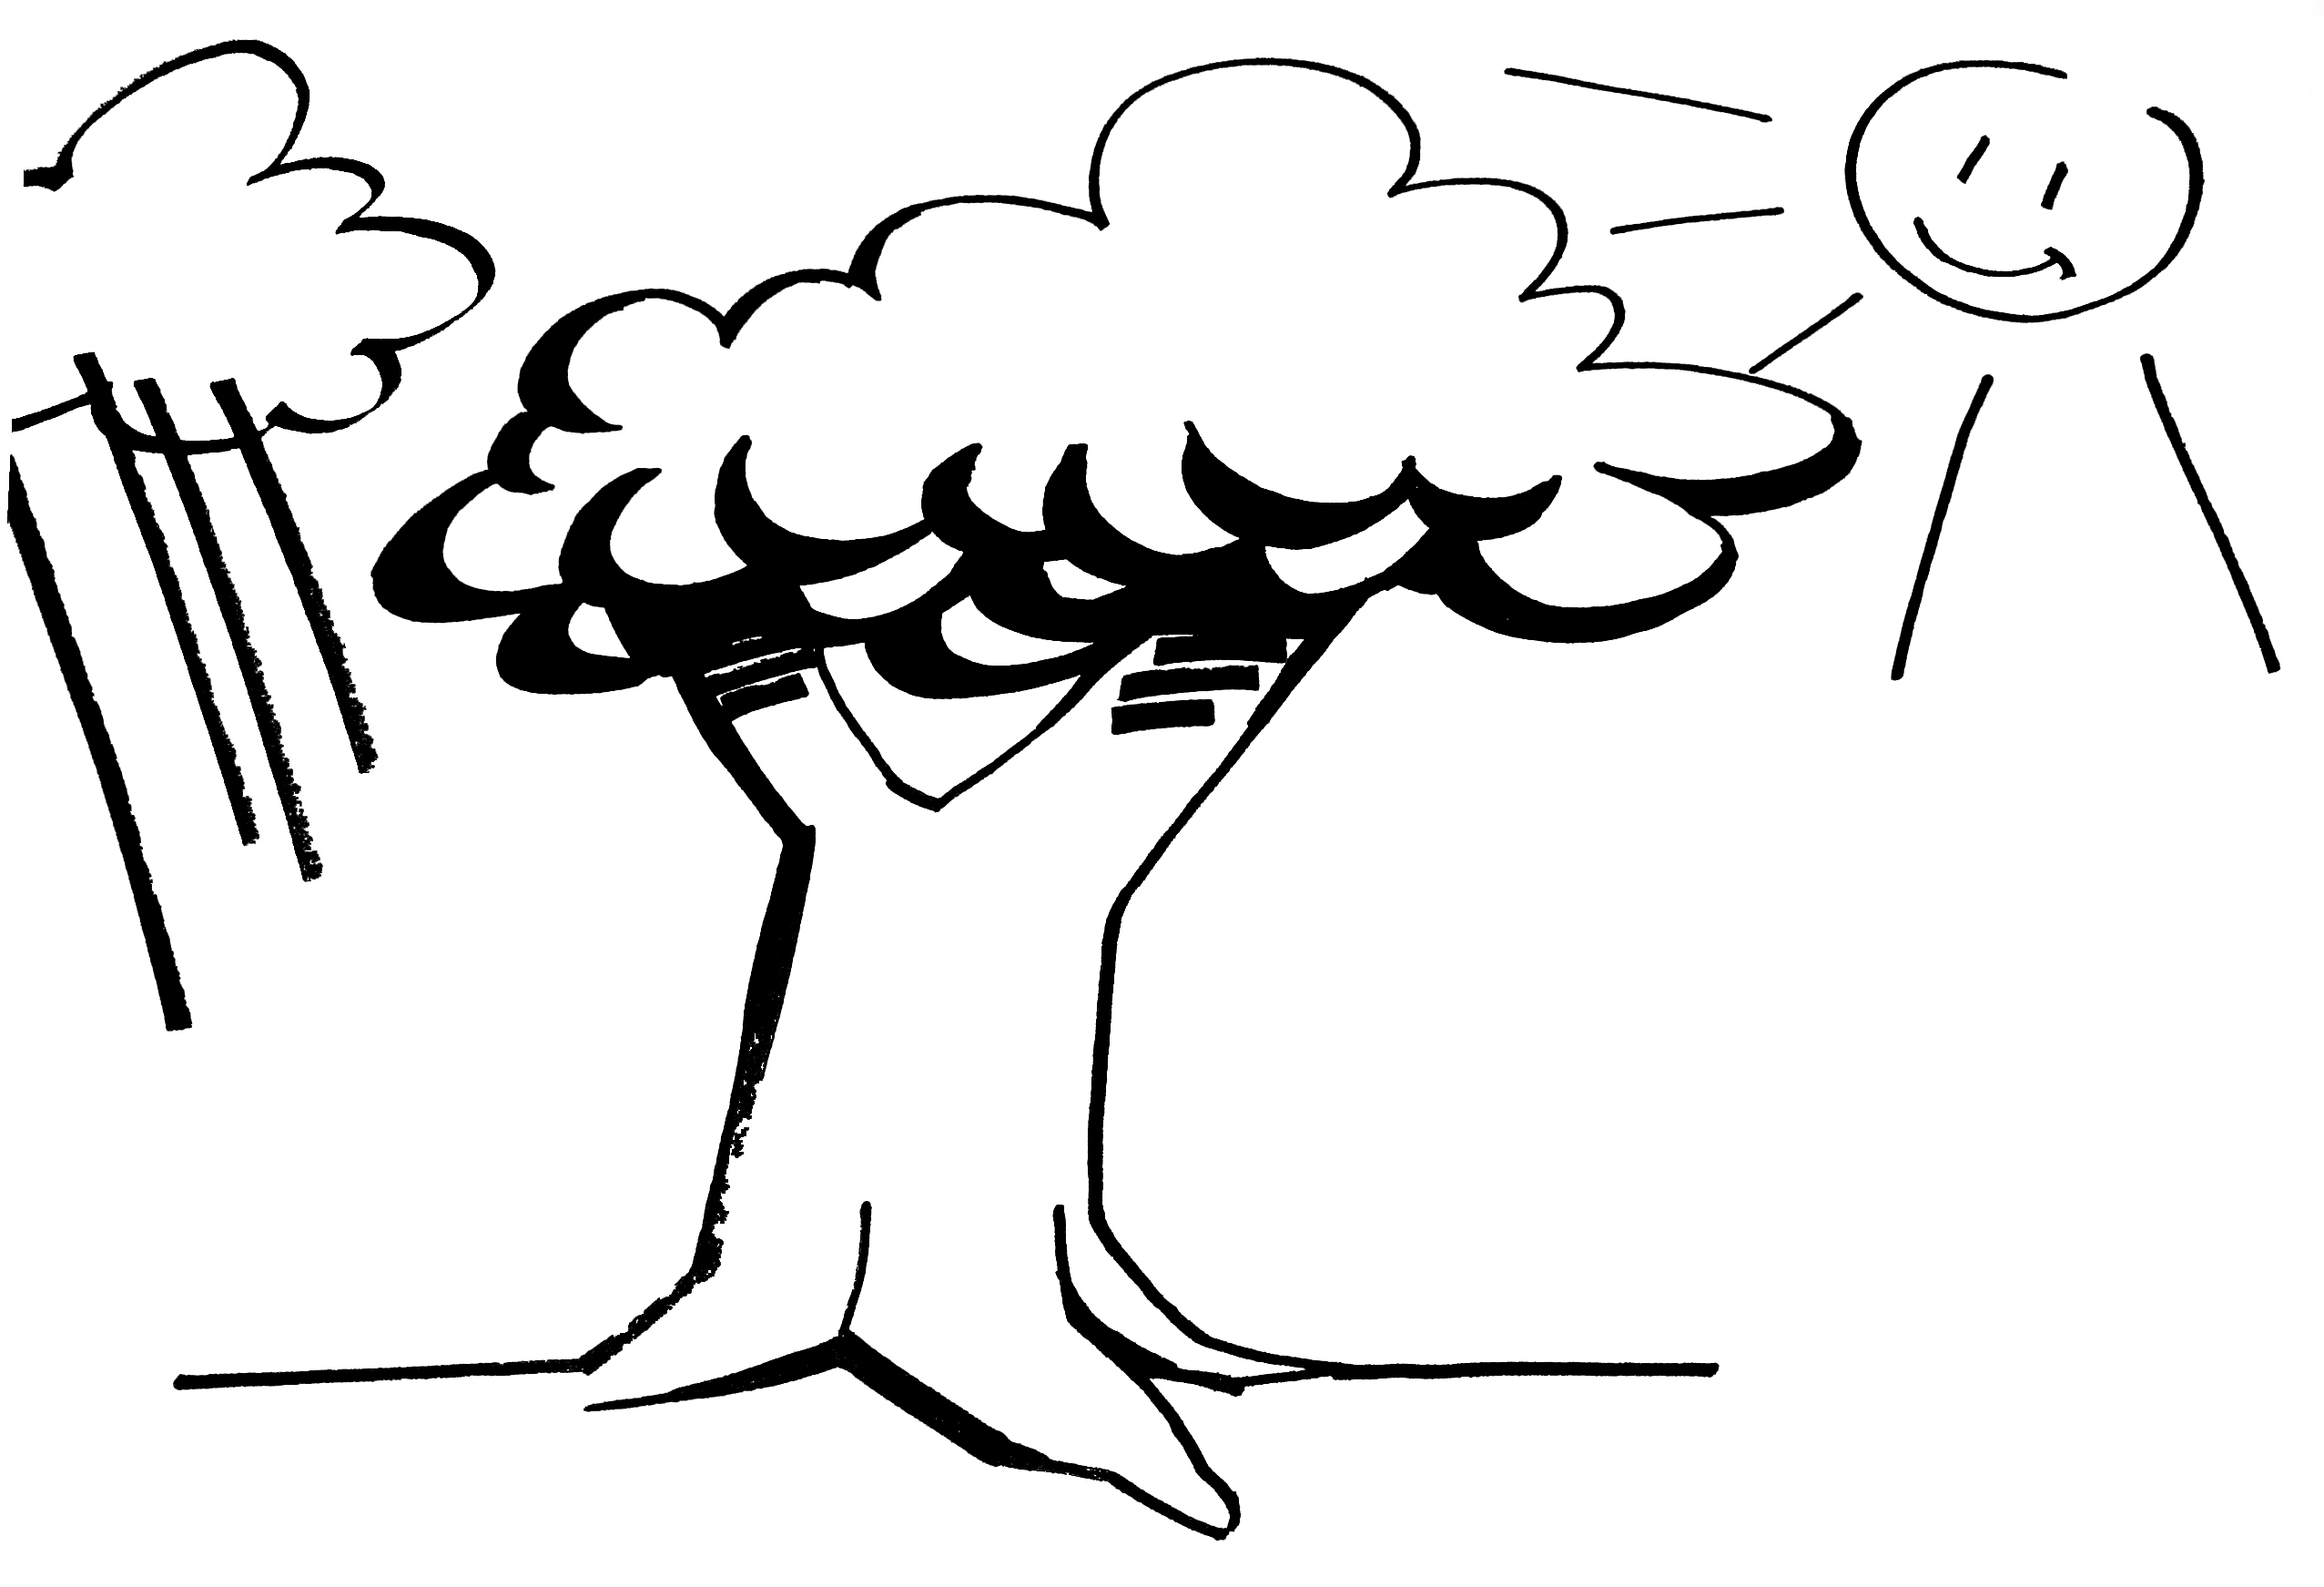 Corona-Stress-dicke Wurzeln